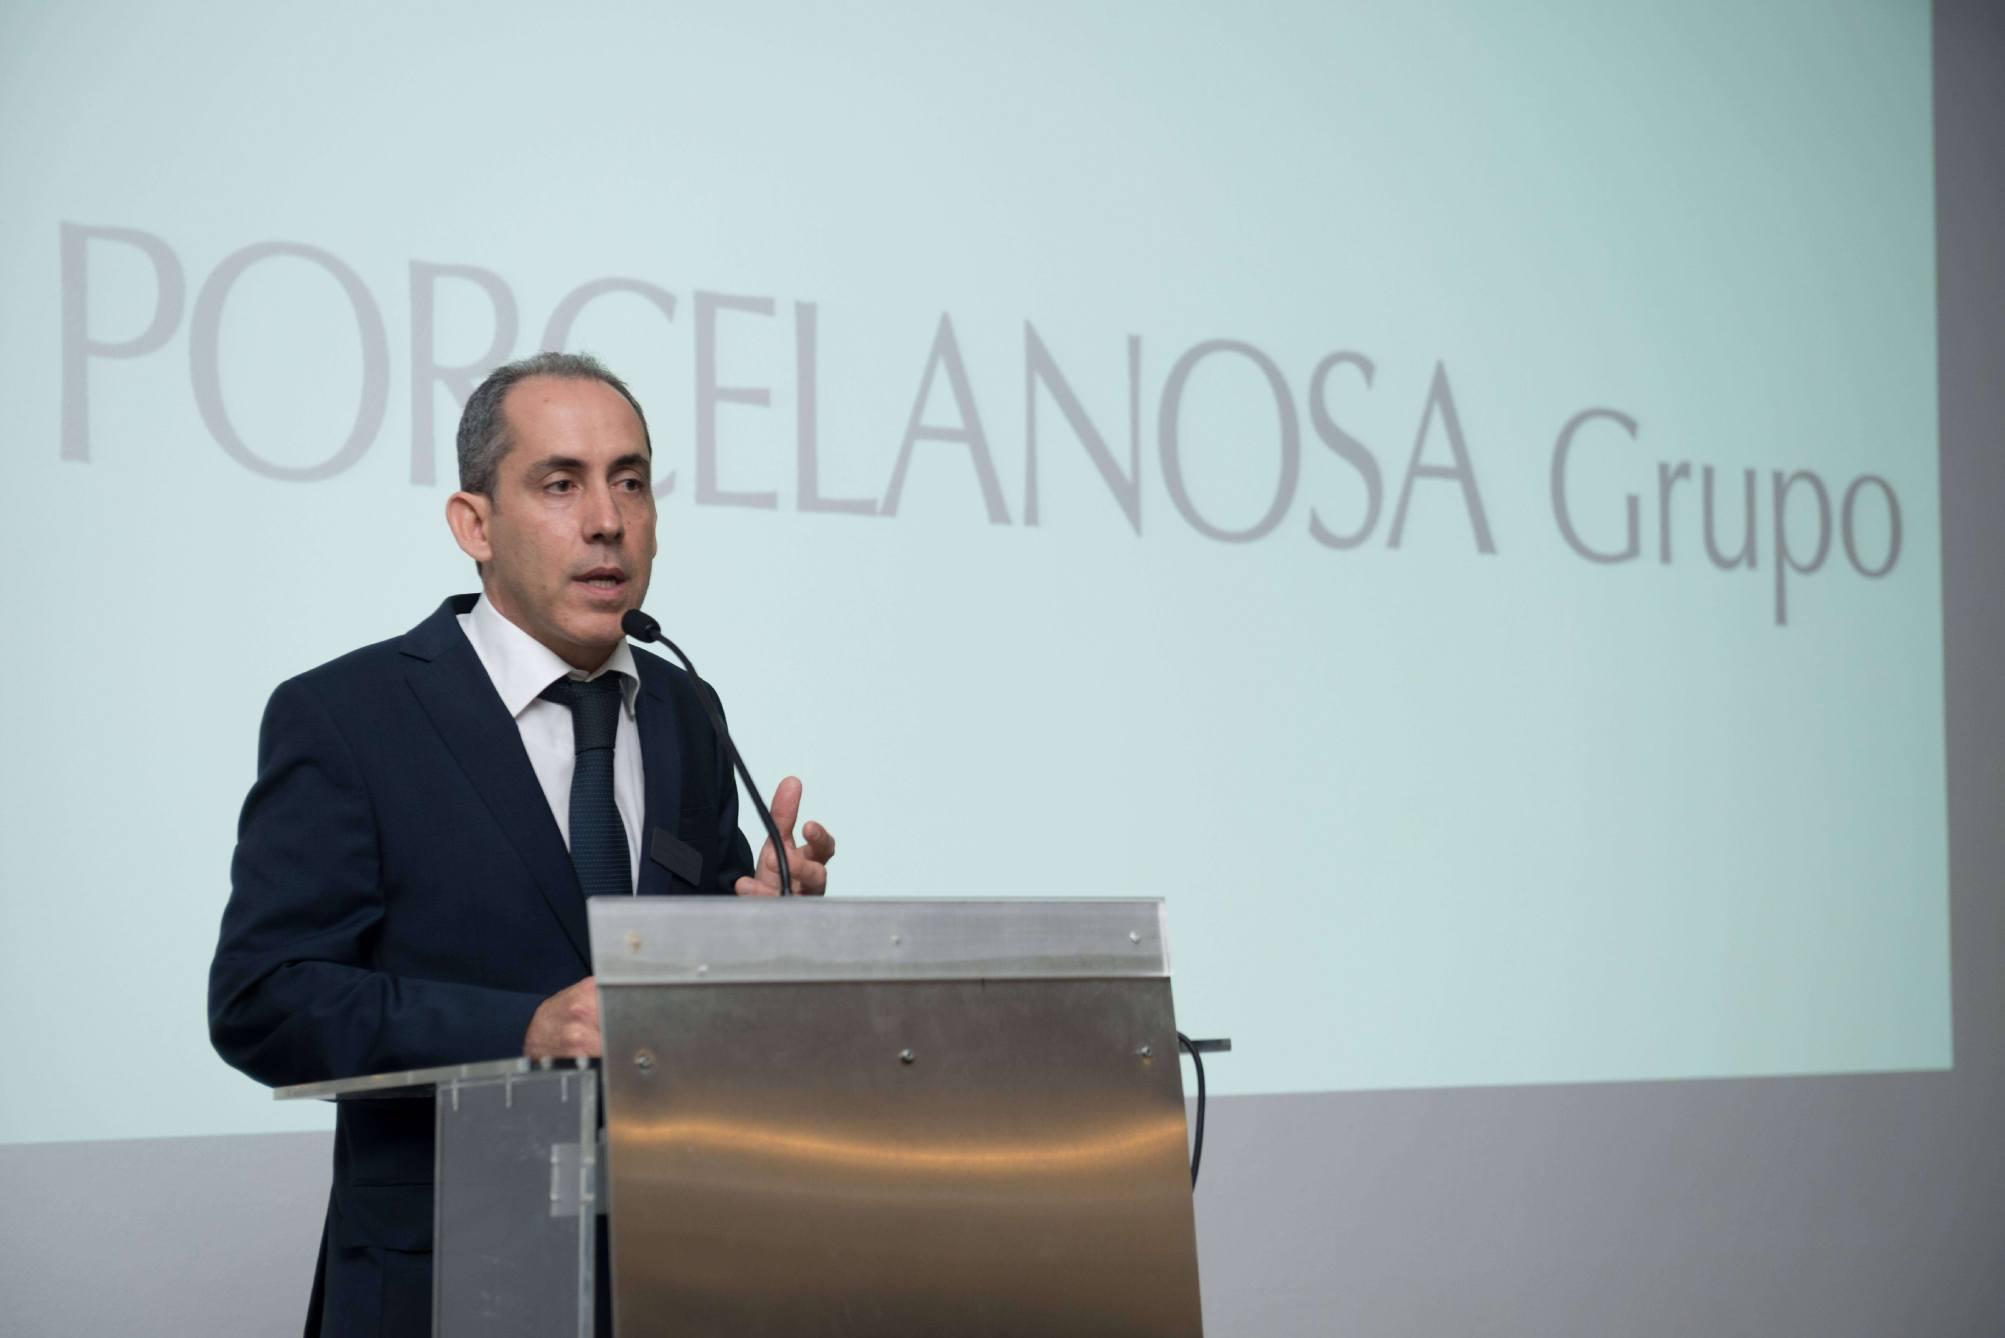 Presentación de Porcelanosa en Portugal